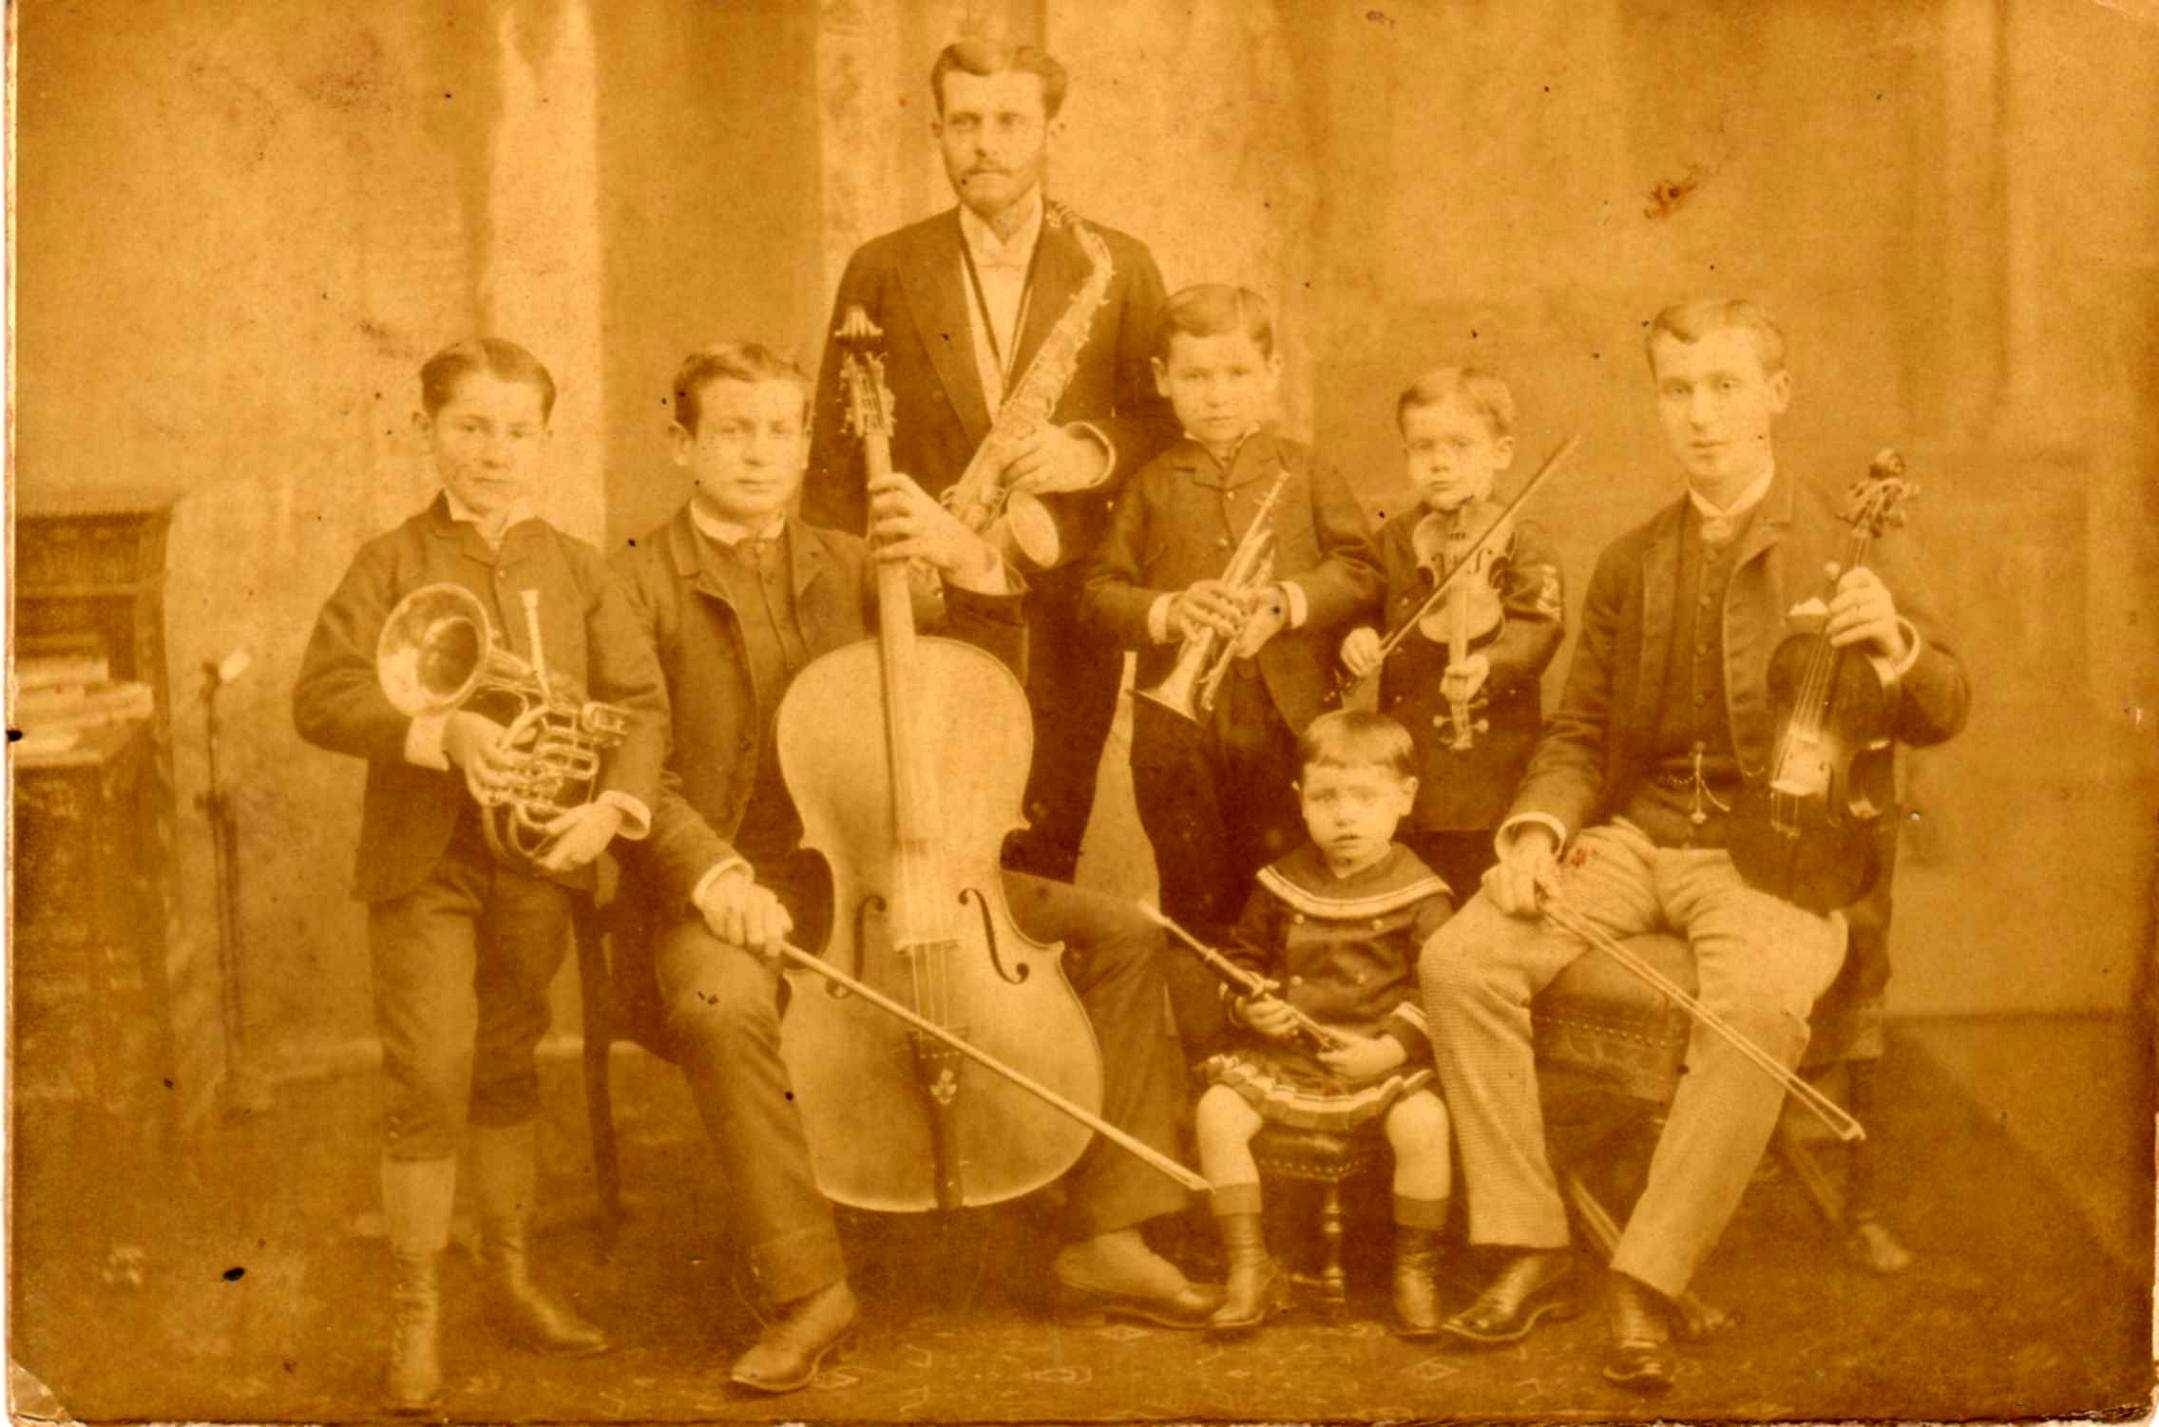 Orquesta compuesta por los hermanos Granda